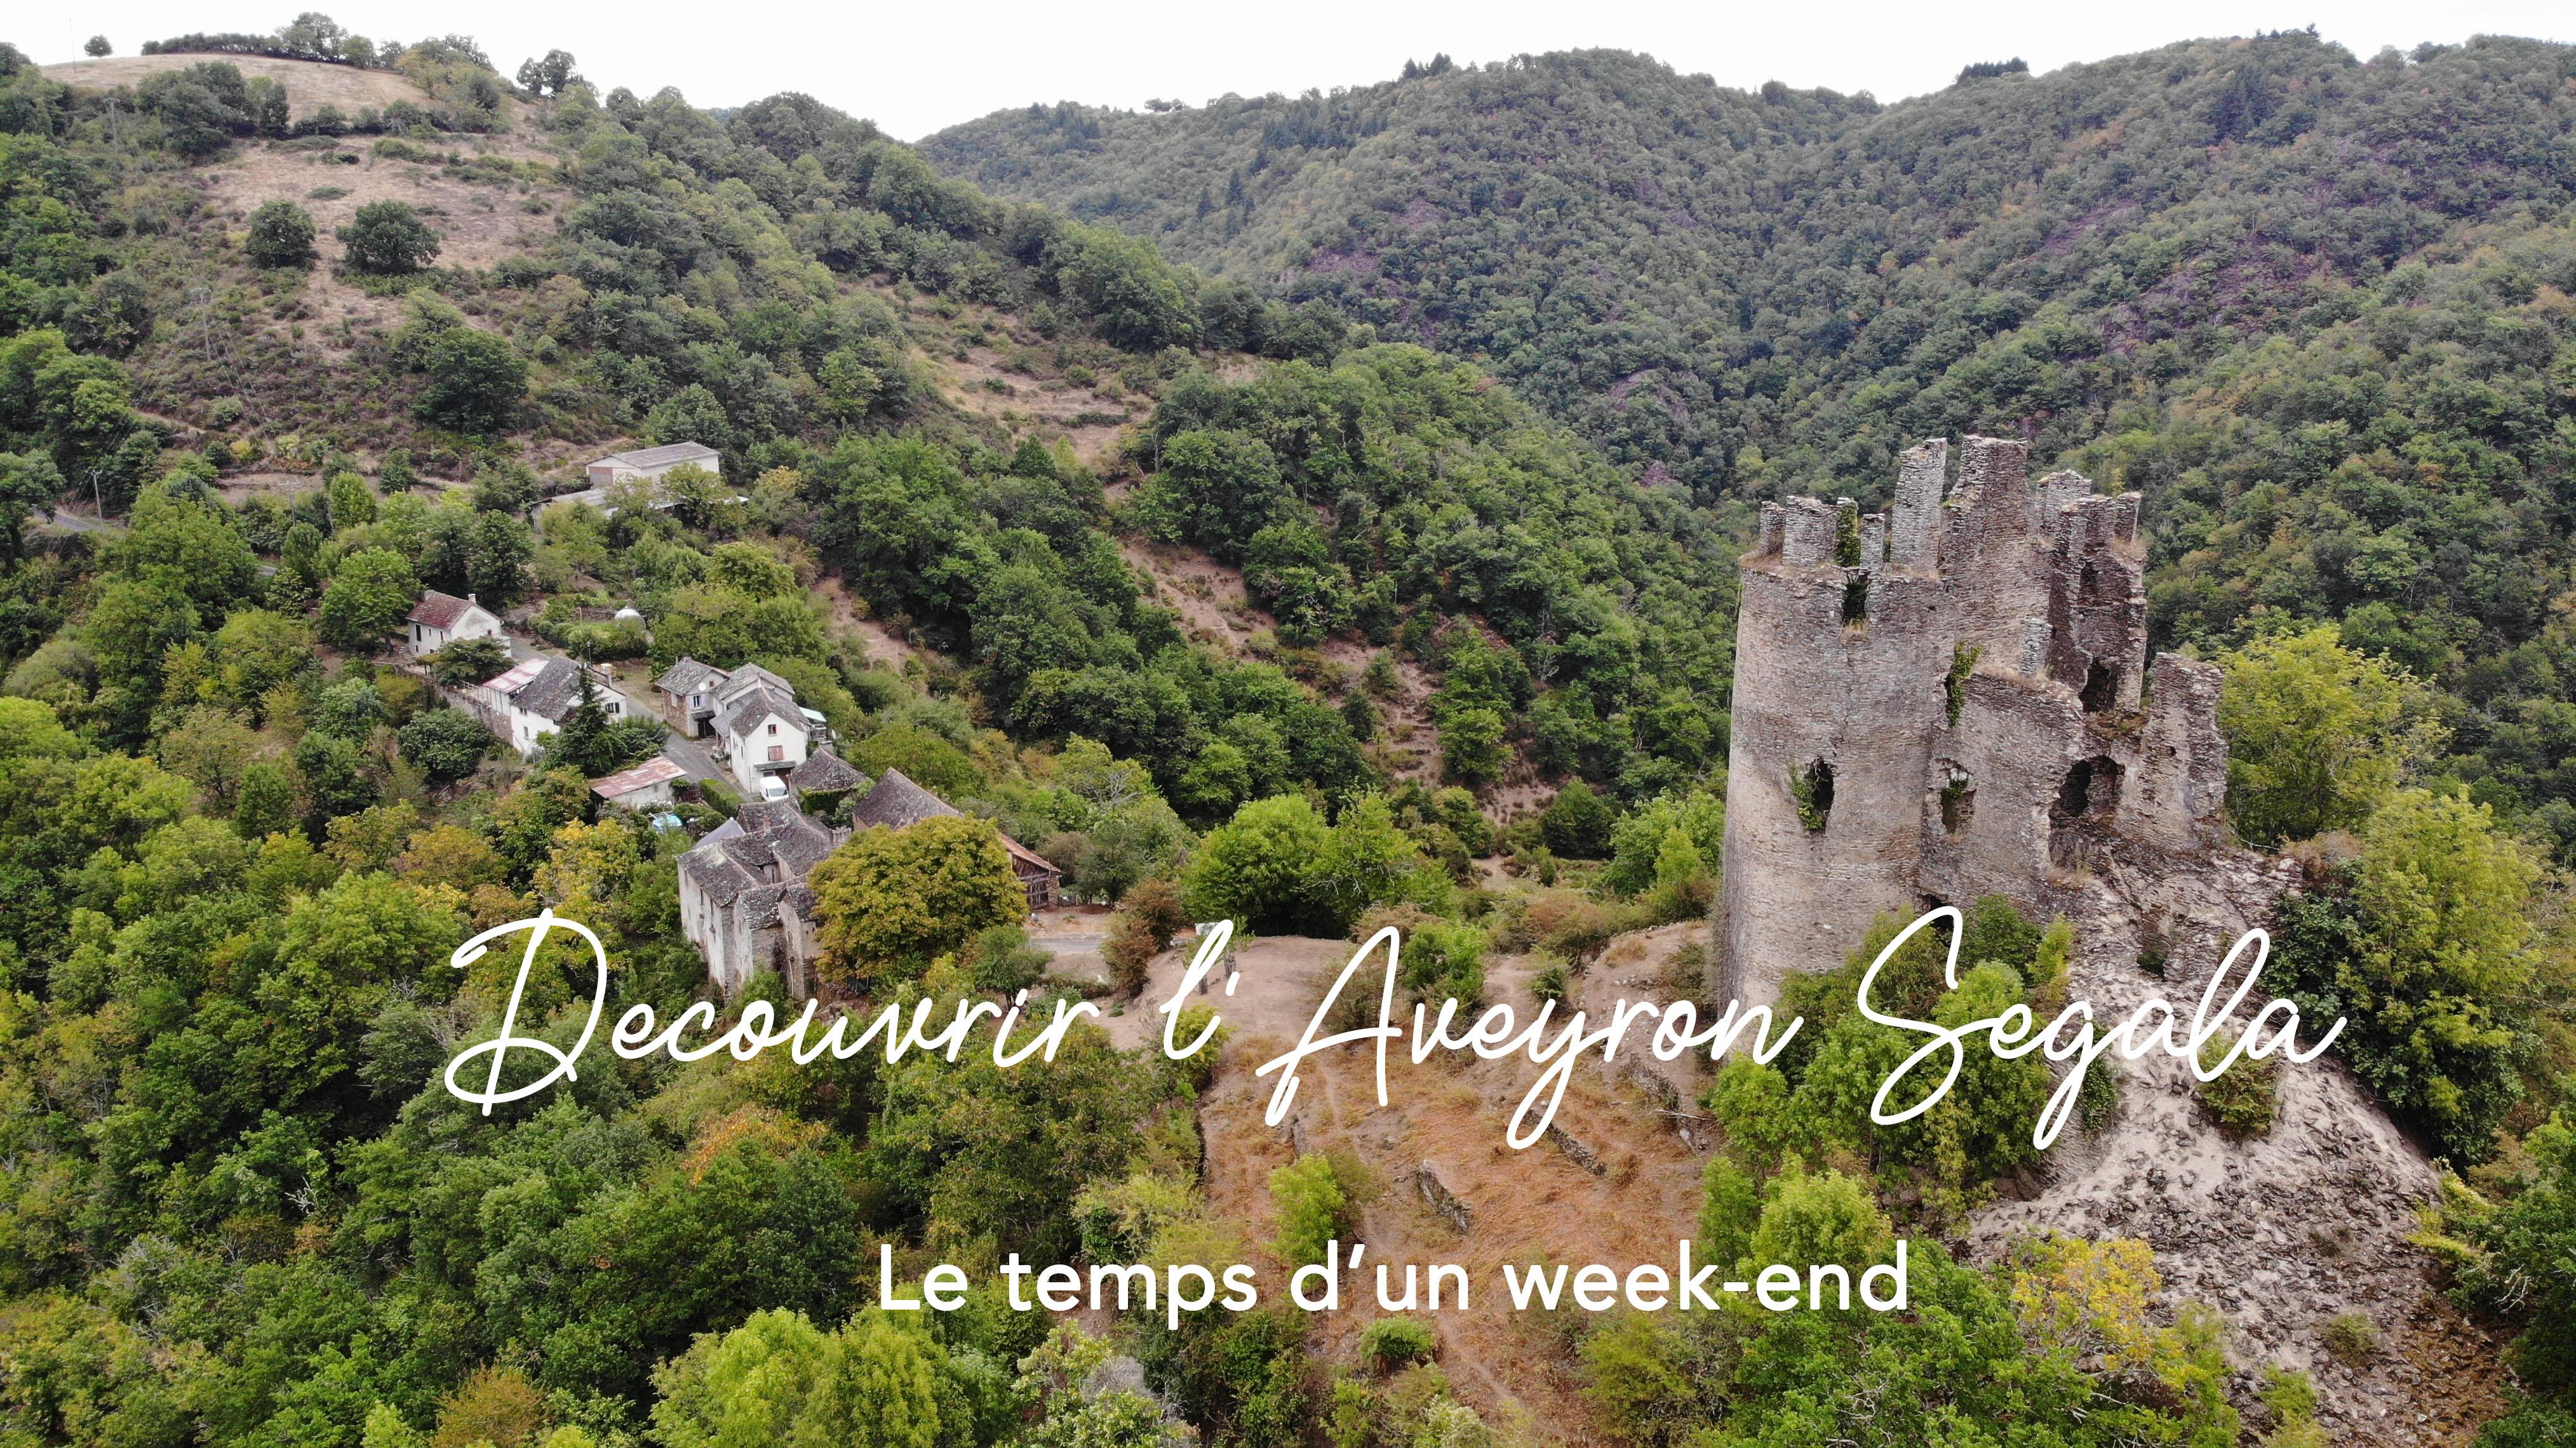 Un week-end en Aveyron Segala